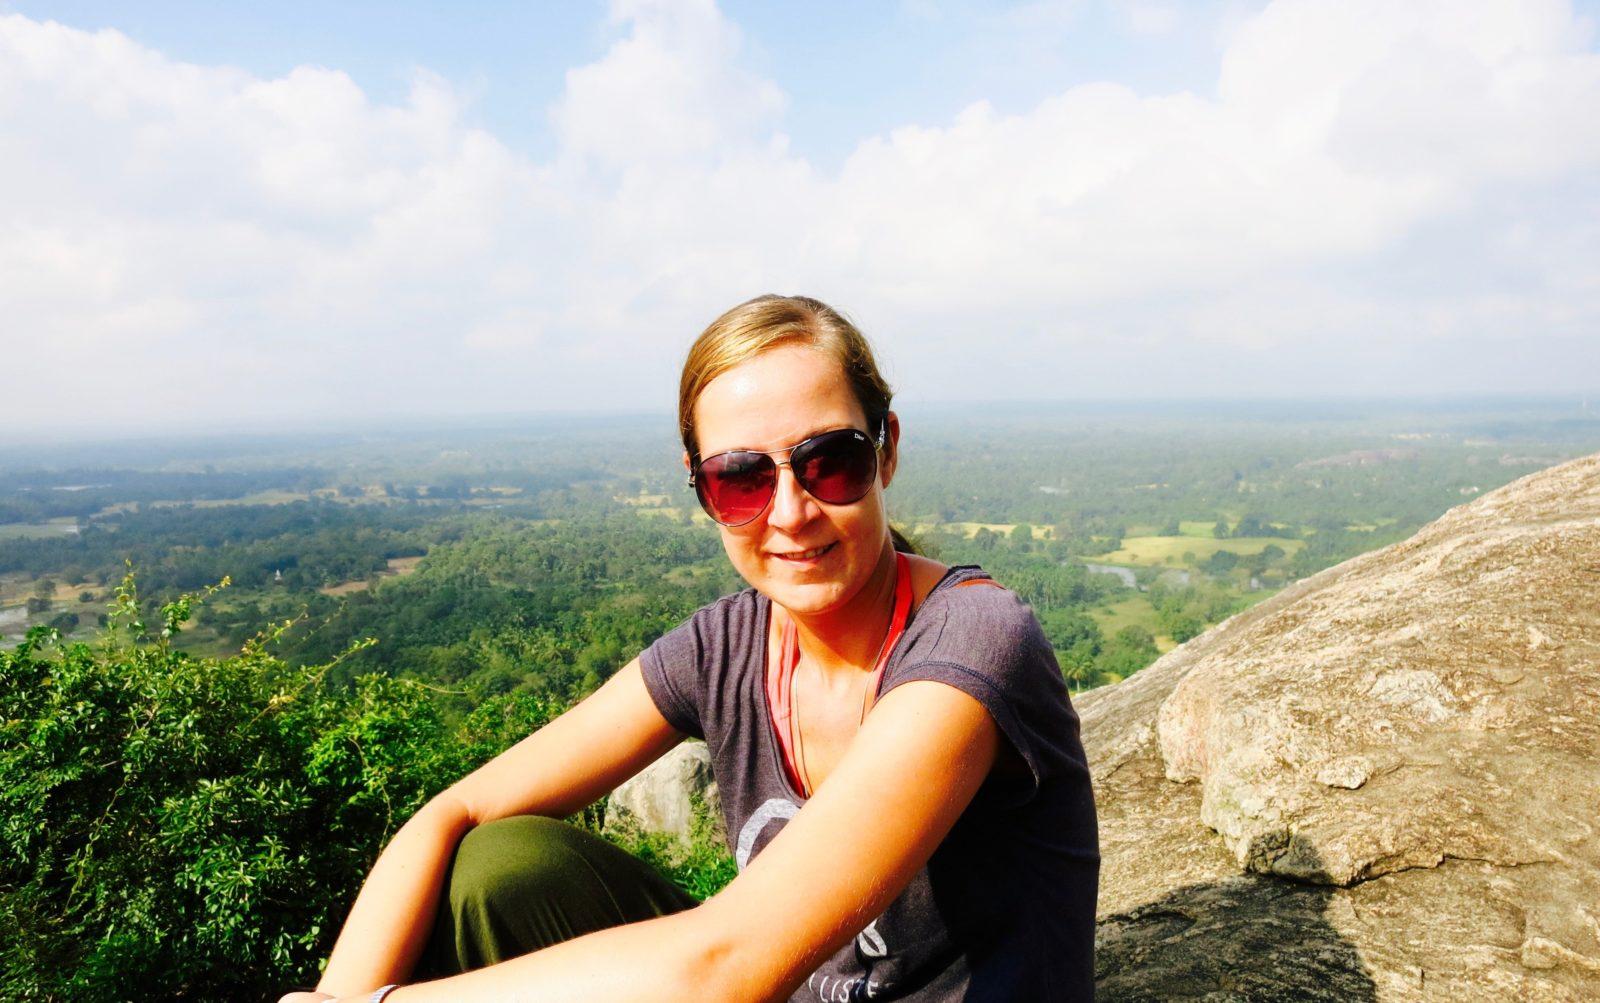 Yapahuwa Felsenfestung Sri Lanka Rundreise Sehenswürdigkeiten